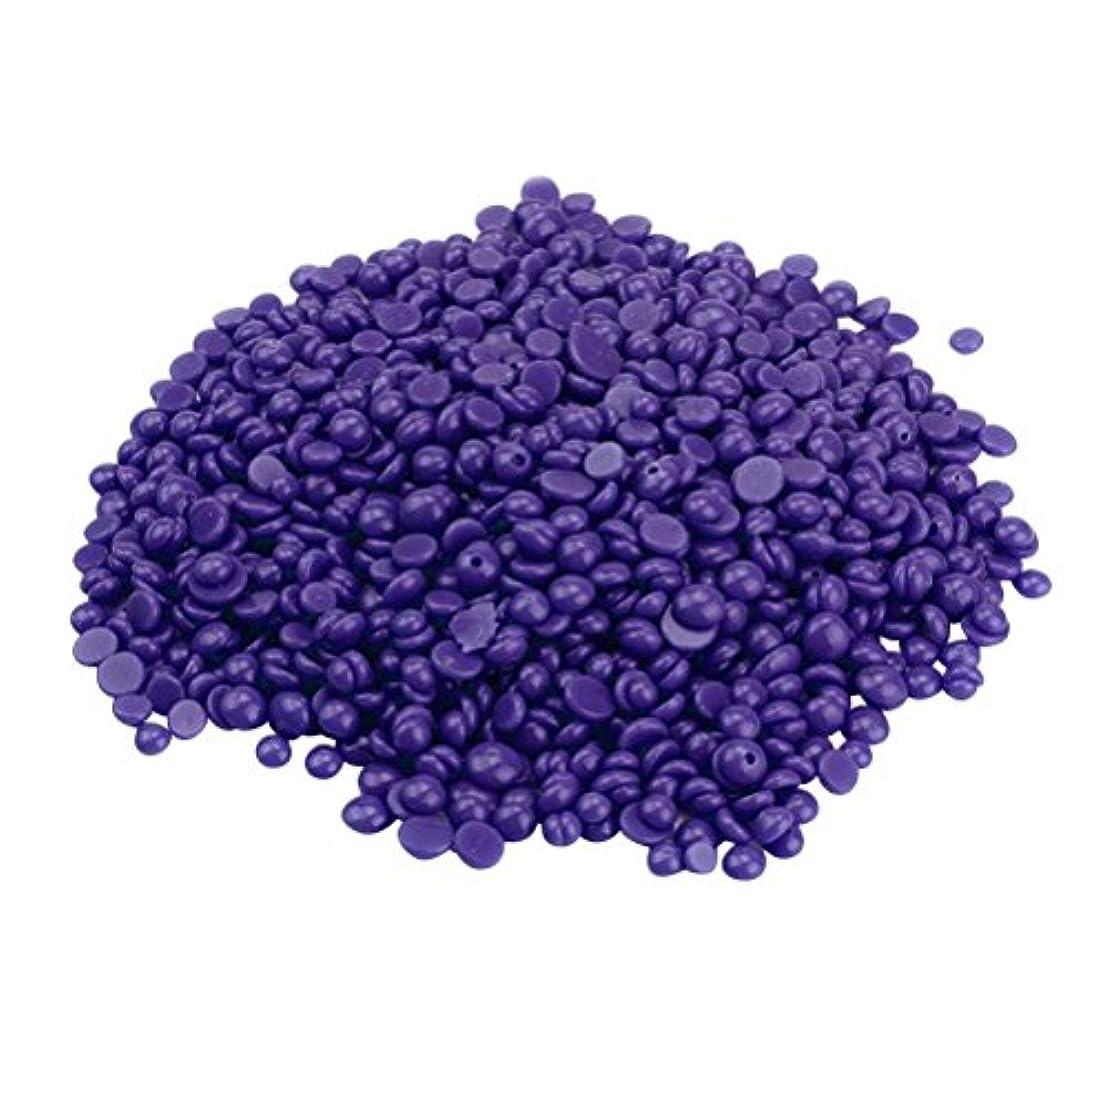 侵入コカイン曲ROSENICE ハードワックス豆 脚の脱毛 いいえストリップ脱揮発性のパール 辛い 脱毛 400g(紫の)